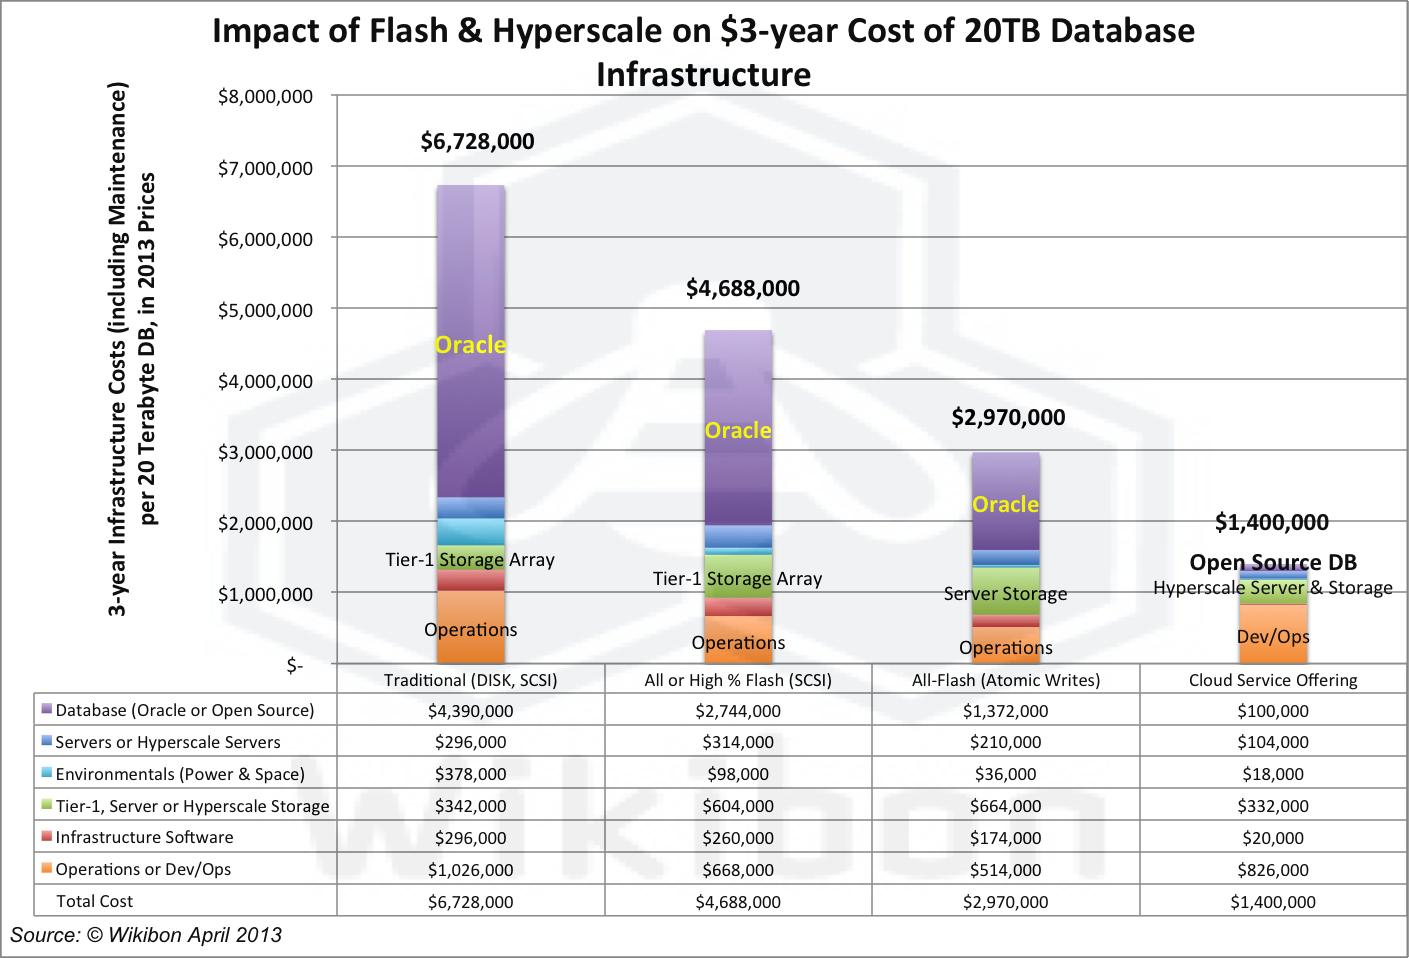 FlashHyperscaleImpact20TBDBInfrastructure4